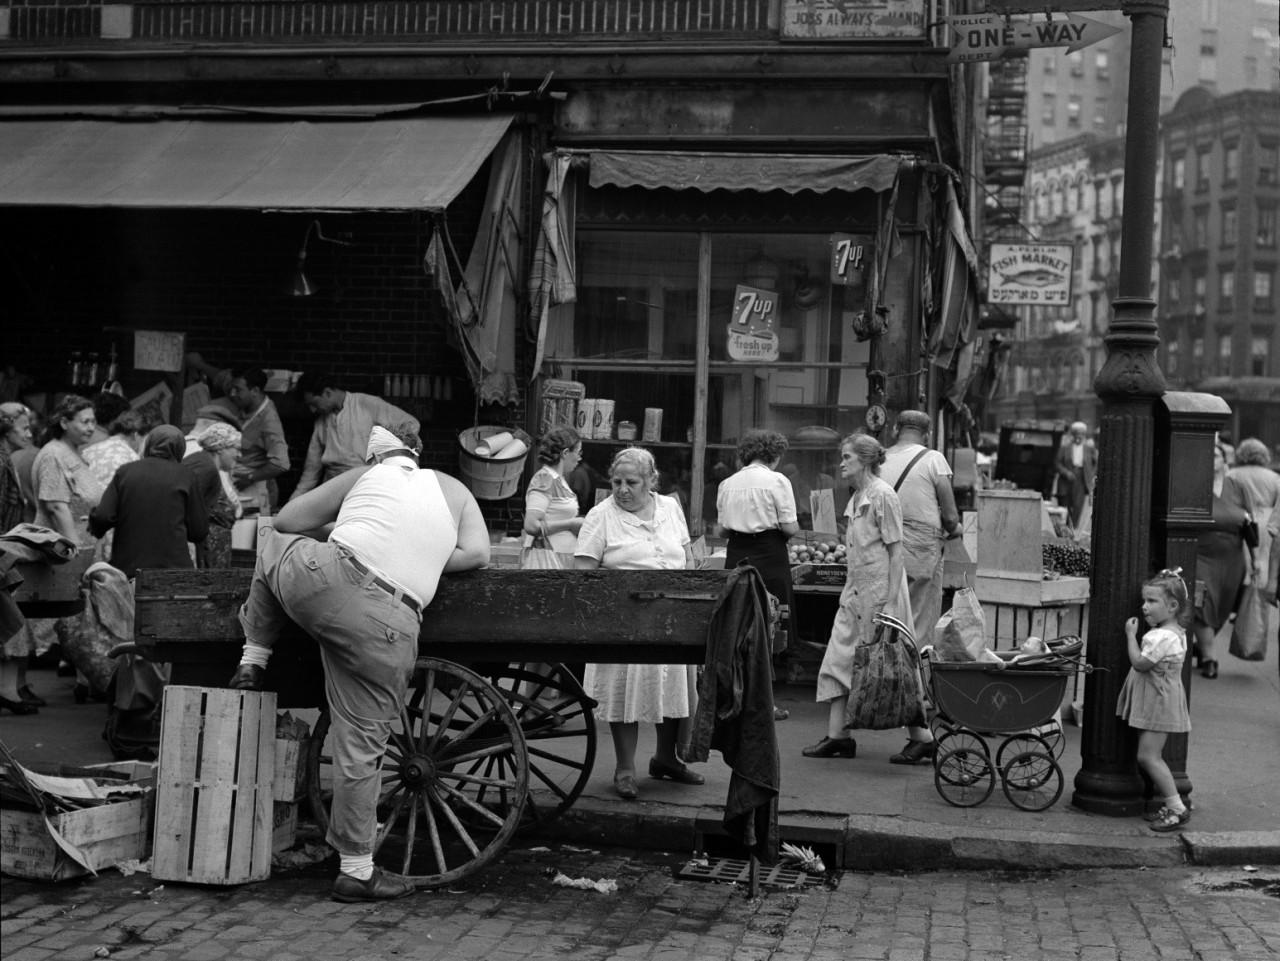 Саффолк и Хестер-стрит, Нью-Йорк, 1946. Фотограф Тодд Уэбб